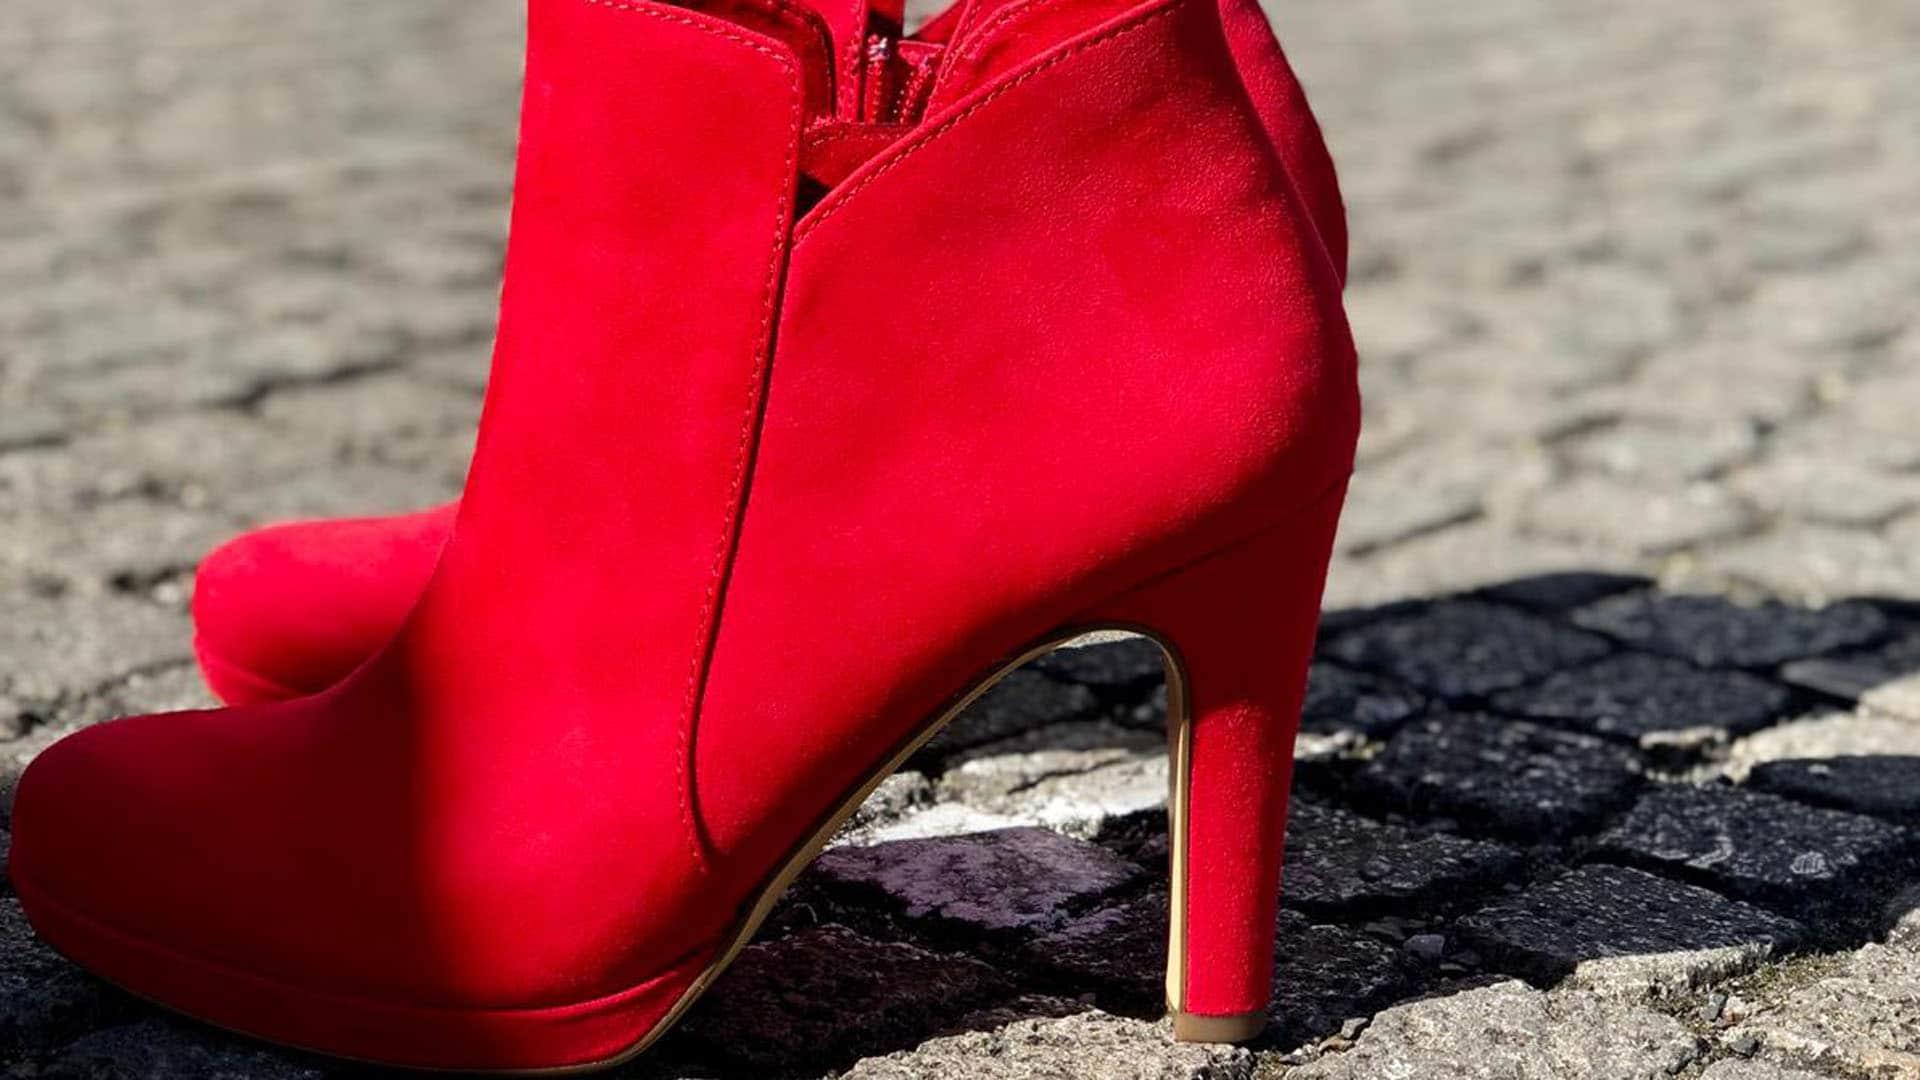 Der rote Schuh ist ein wiederkehrendes Motiv der Kampagne, hier bei der Auftaktveranstaltung in Berlin